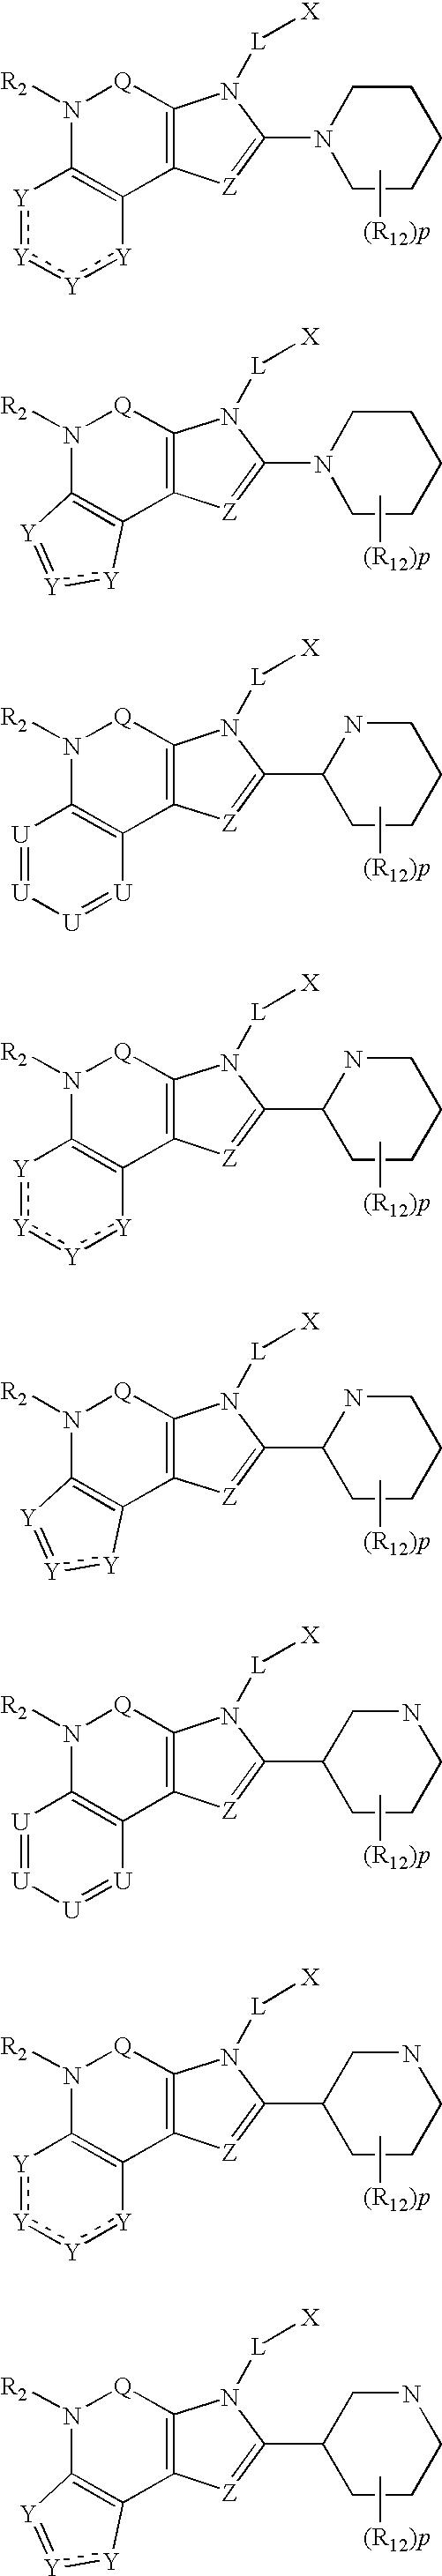 Figure US07169926-20070130-C00022